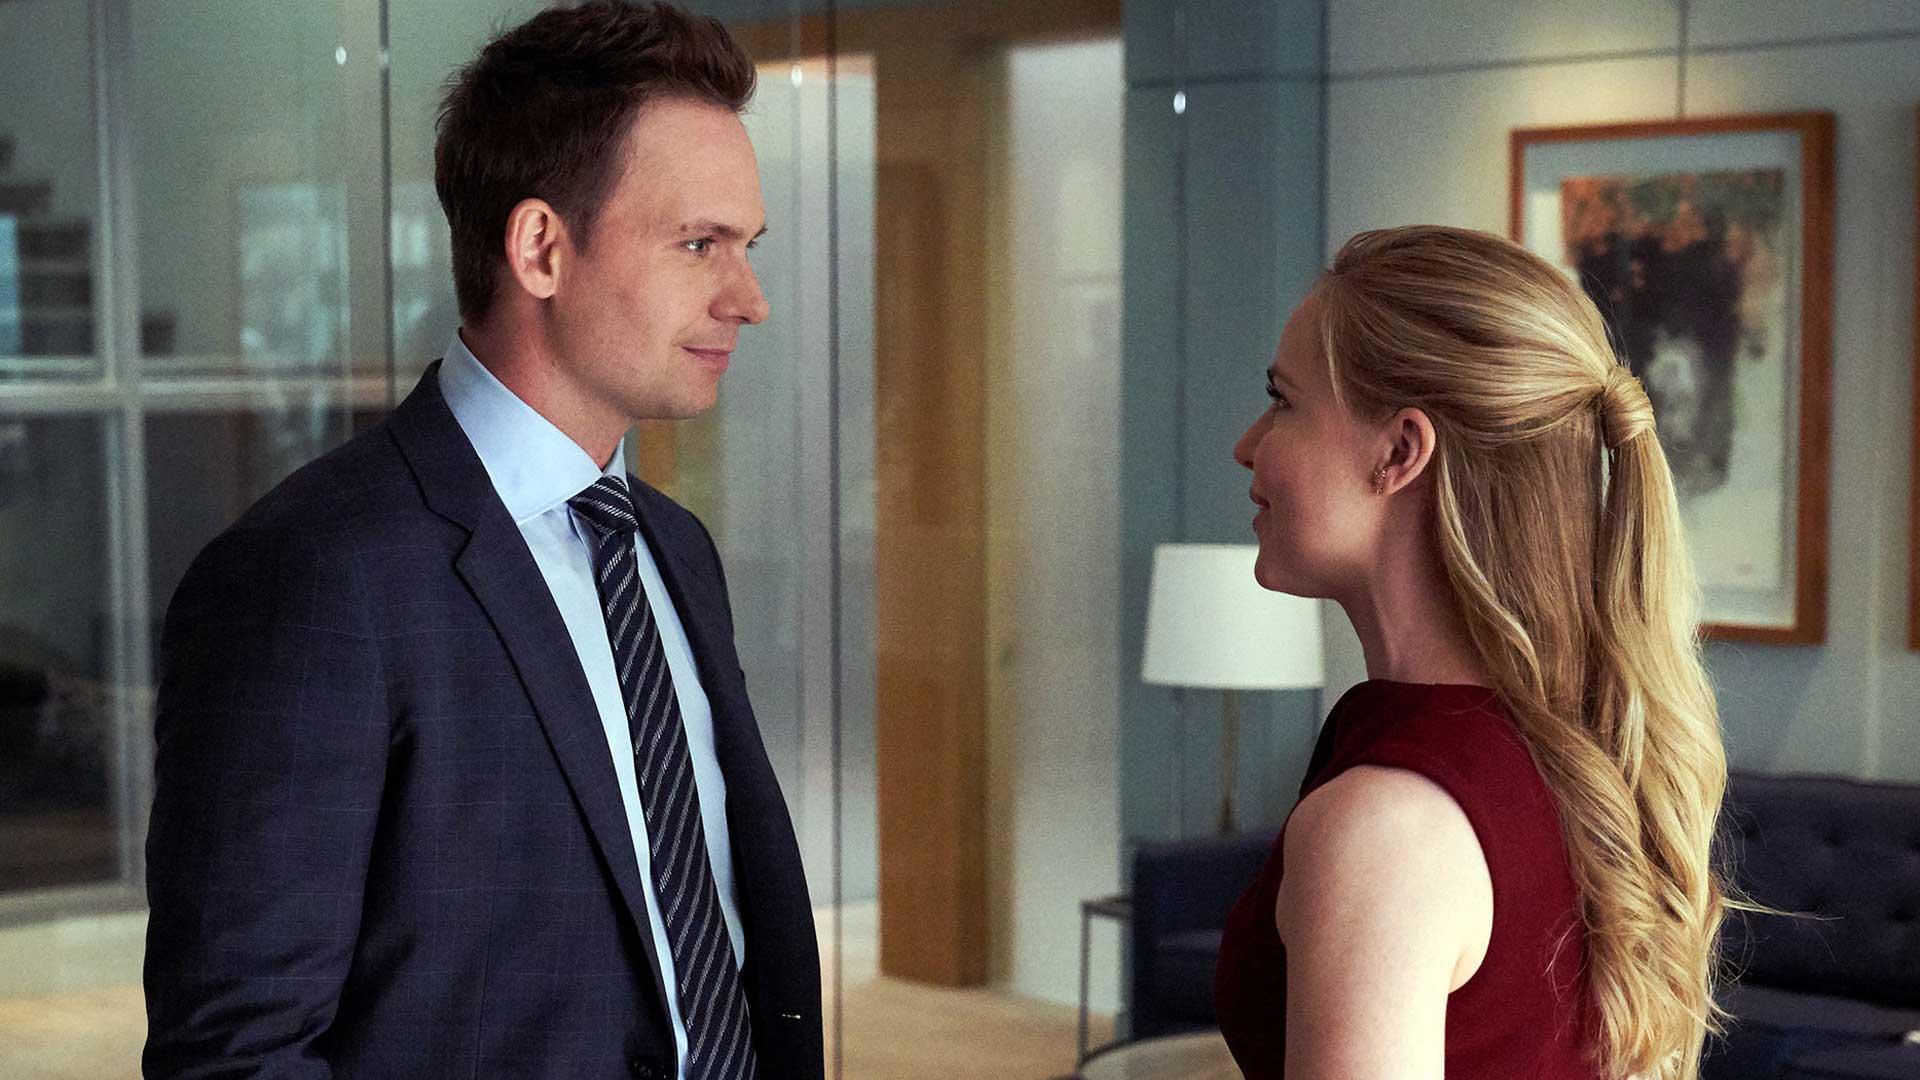 Suits S09E05 Mike Ross Patrick J Adams Katrina Bennett Amanda Schuller